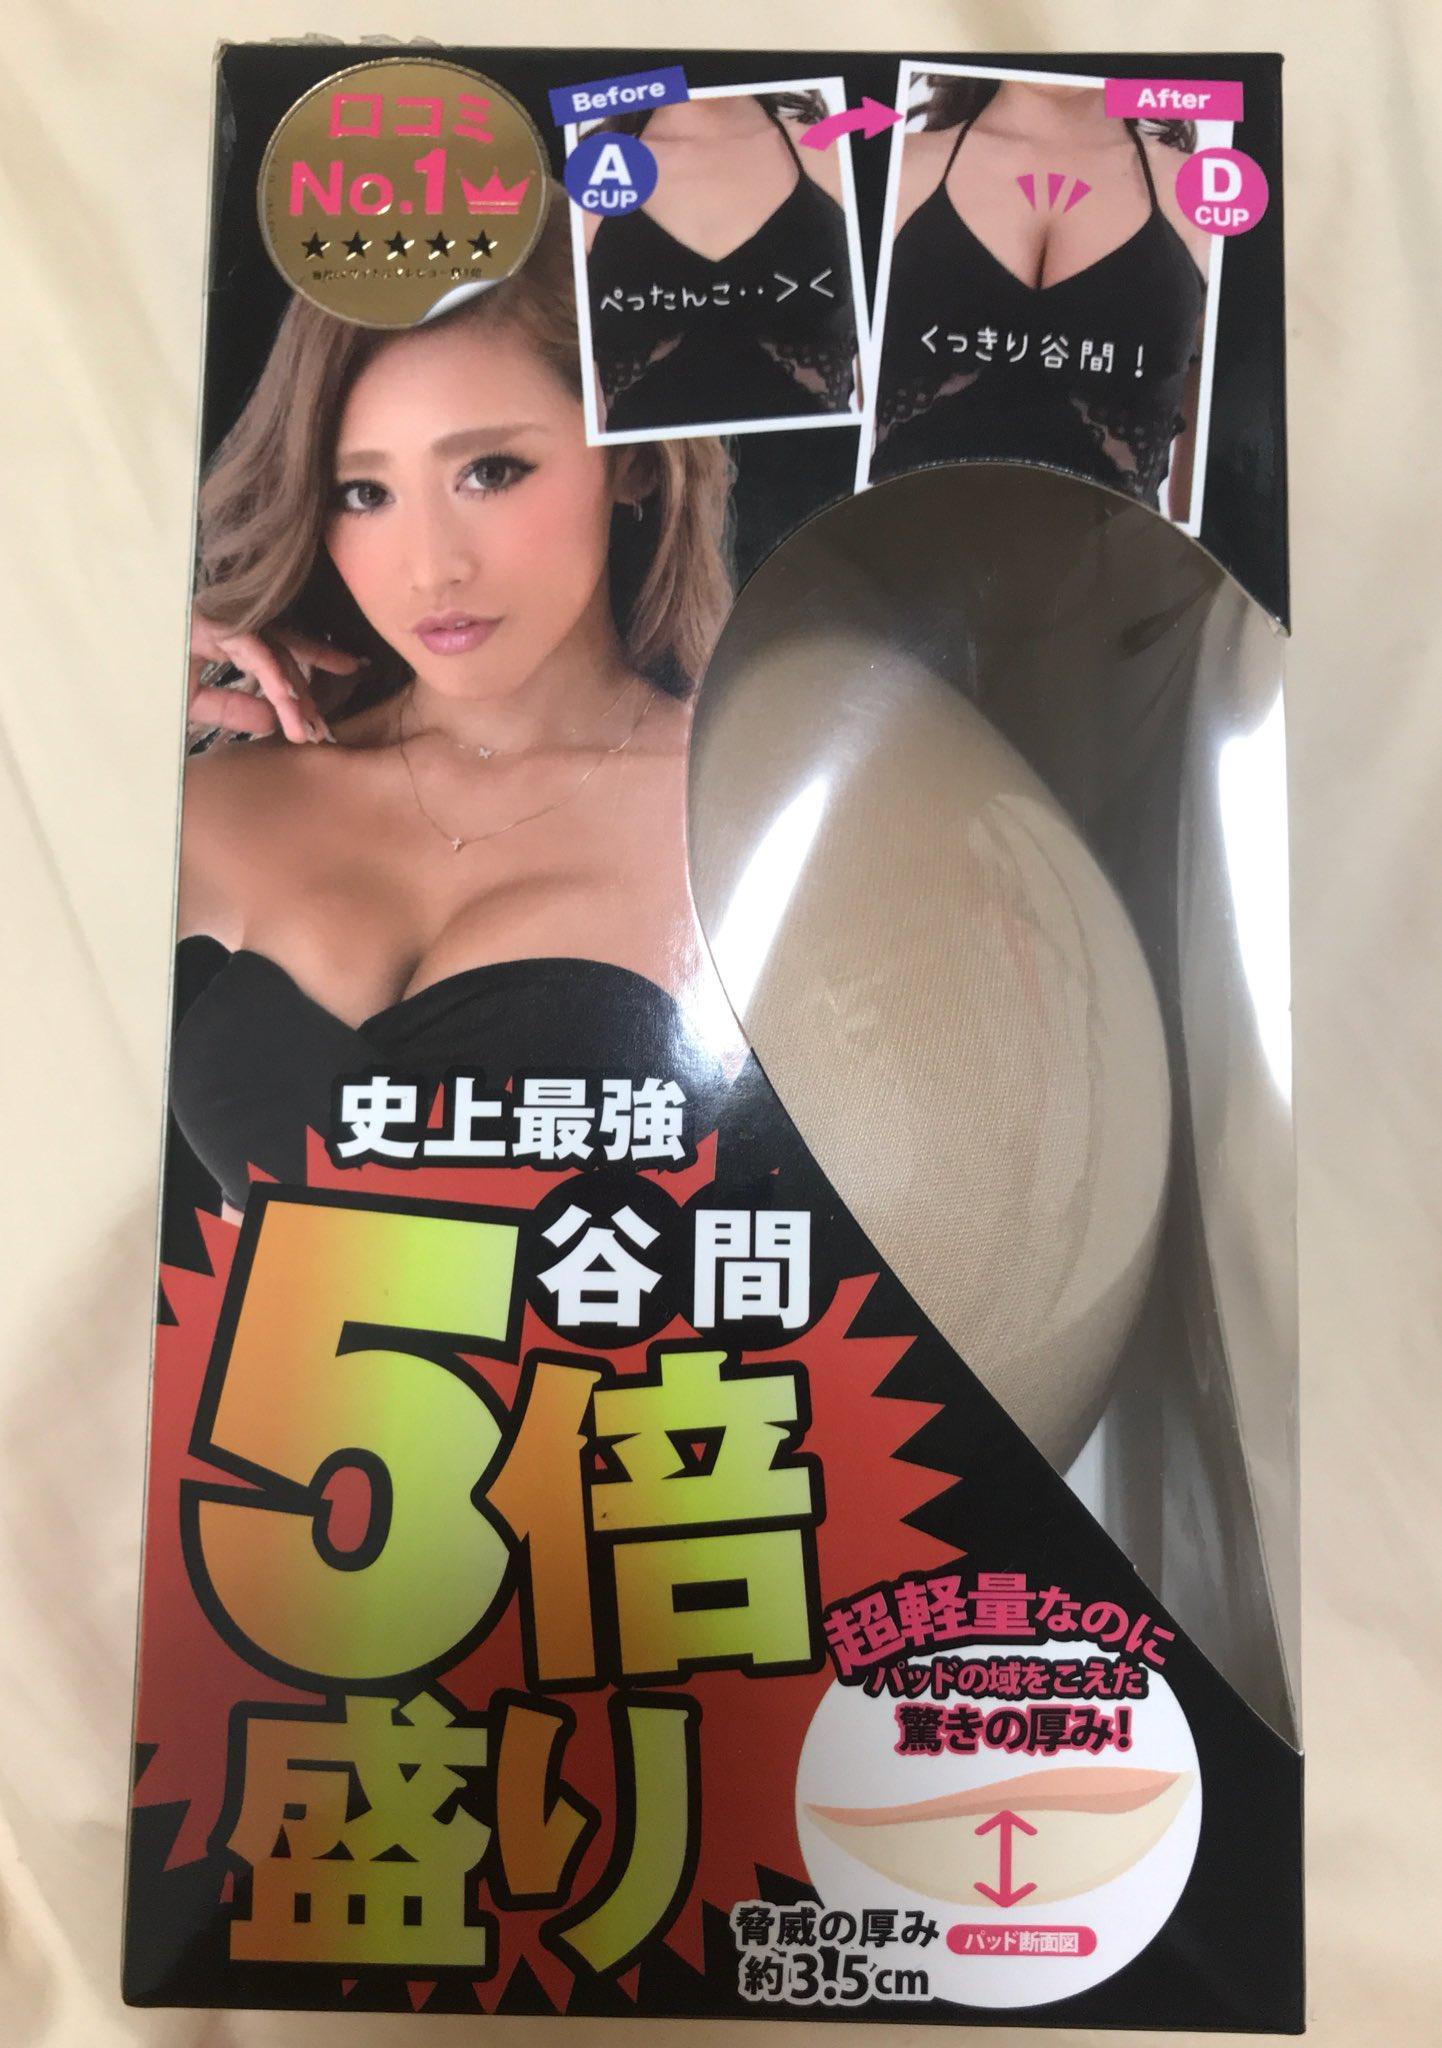 Sốc Nữ Cosplayer Nhật Bản Bật M 237 Mẹo Biến Quot Ngực Phẳng